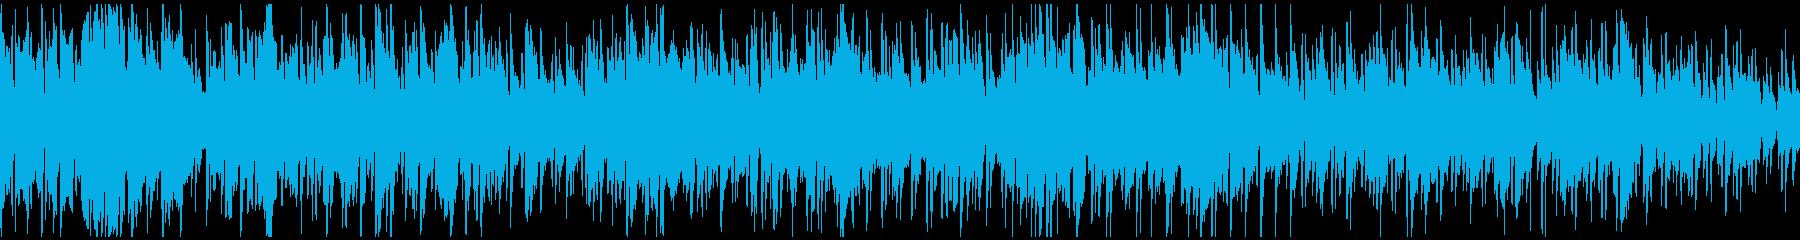 フレッシュなボサノバ・ジャズ ※ループ版の再生済みの波形